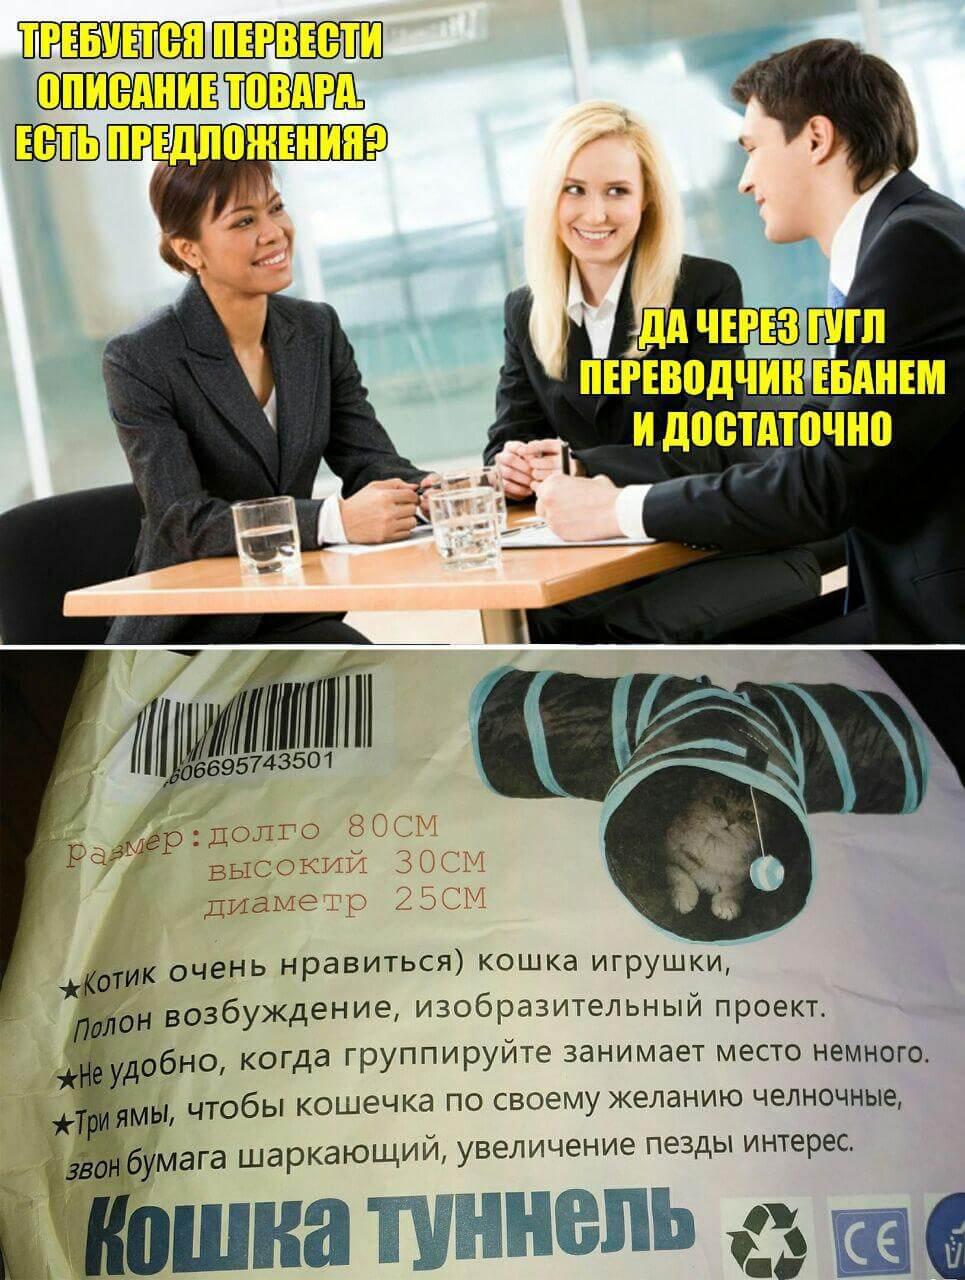 лучшие русский анекдоты на день